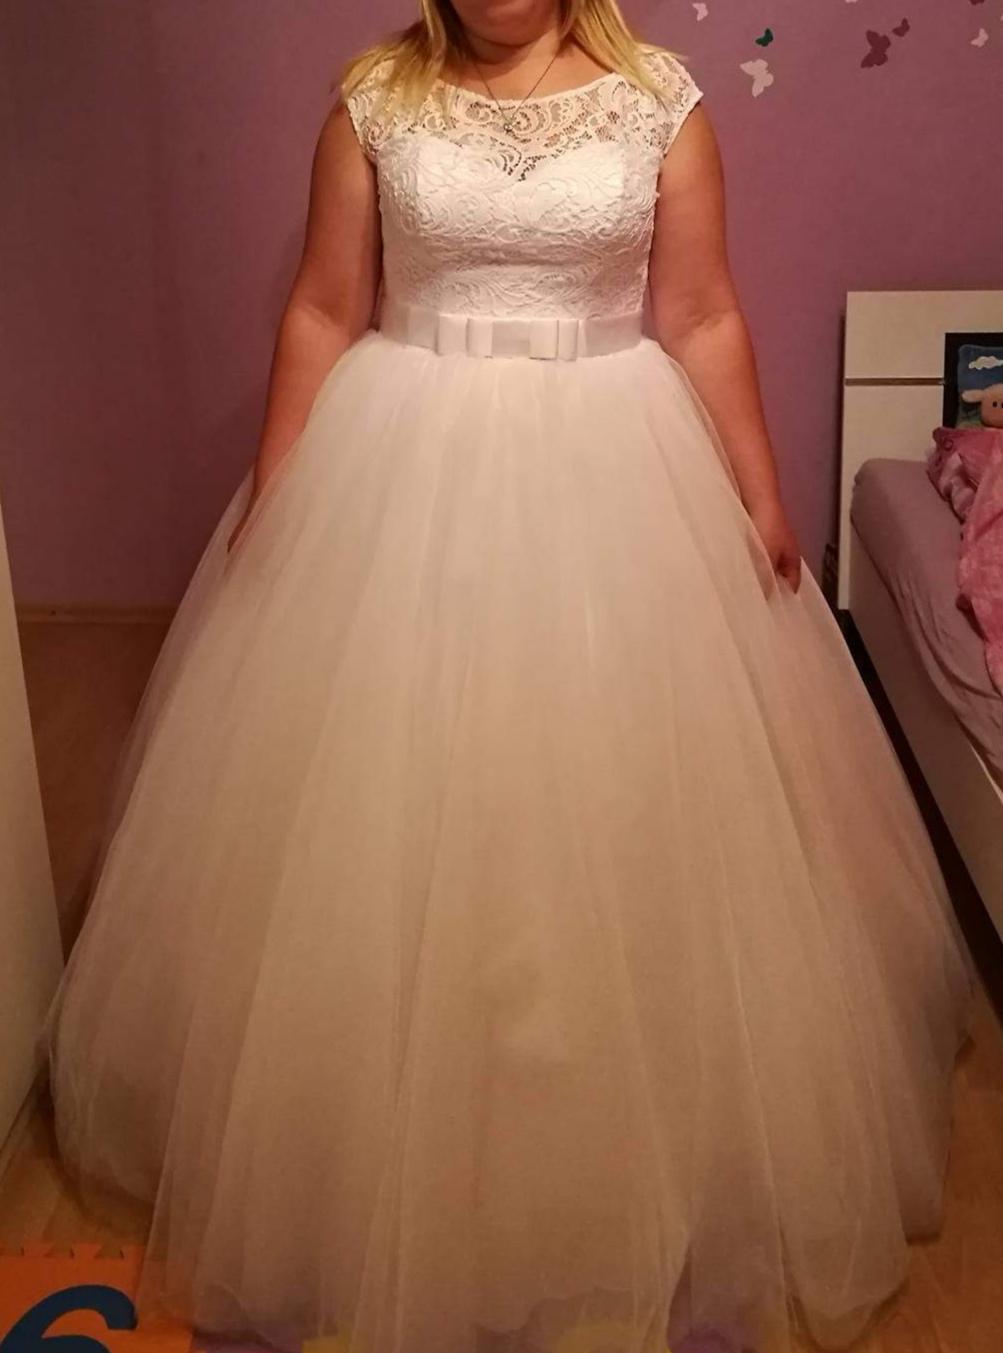 Svadobné šaty 46 - Obrázok č. 1